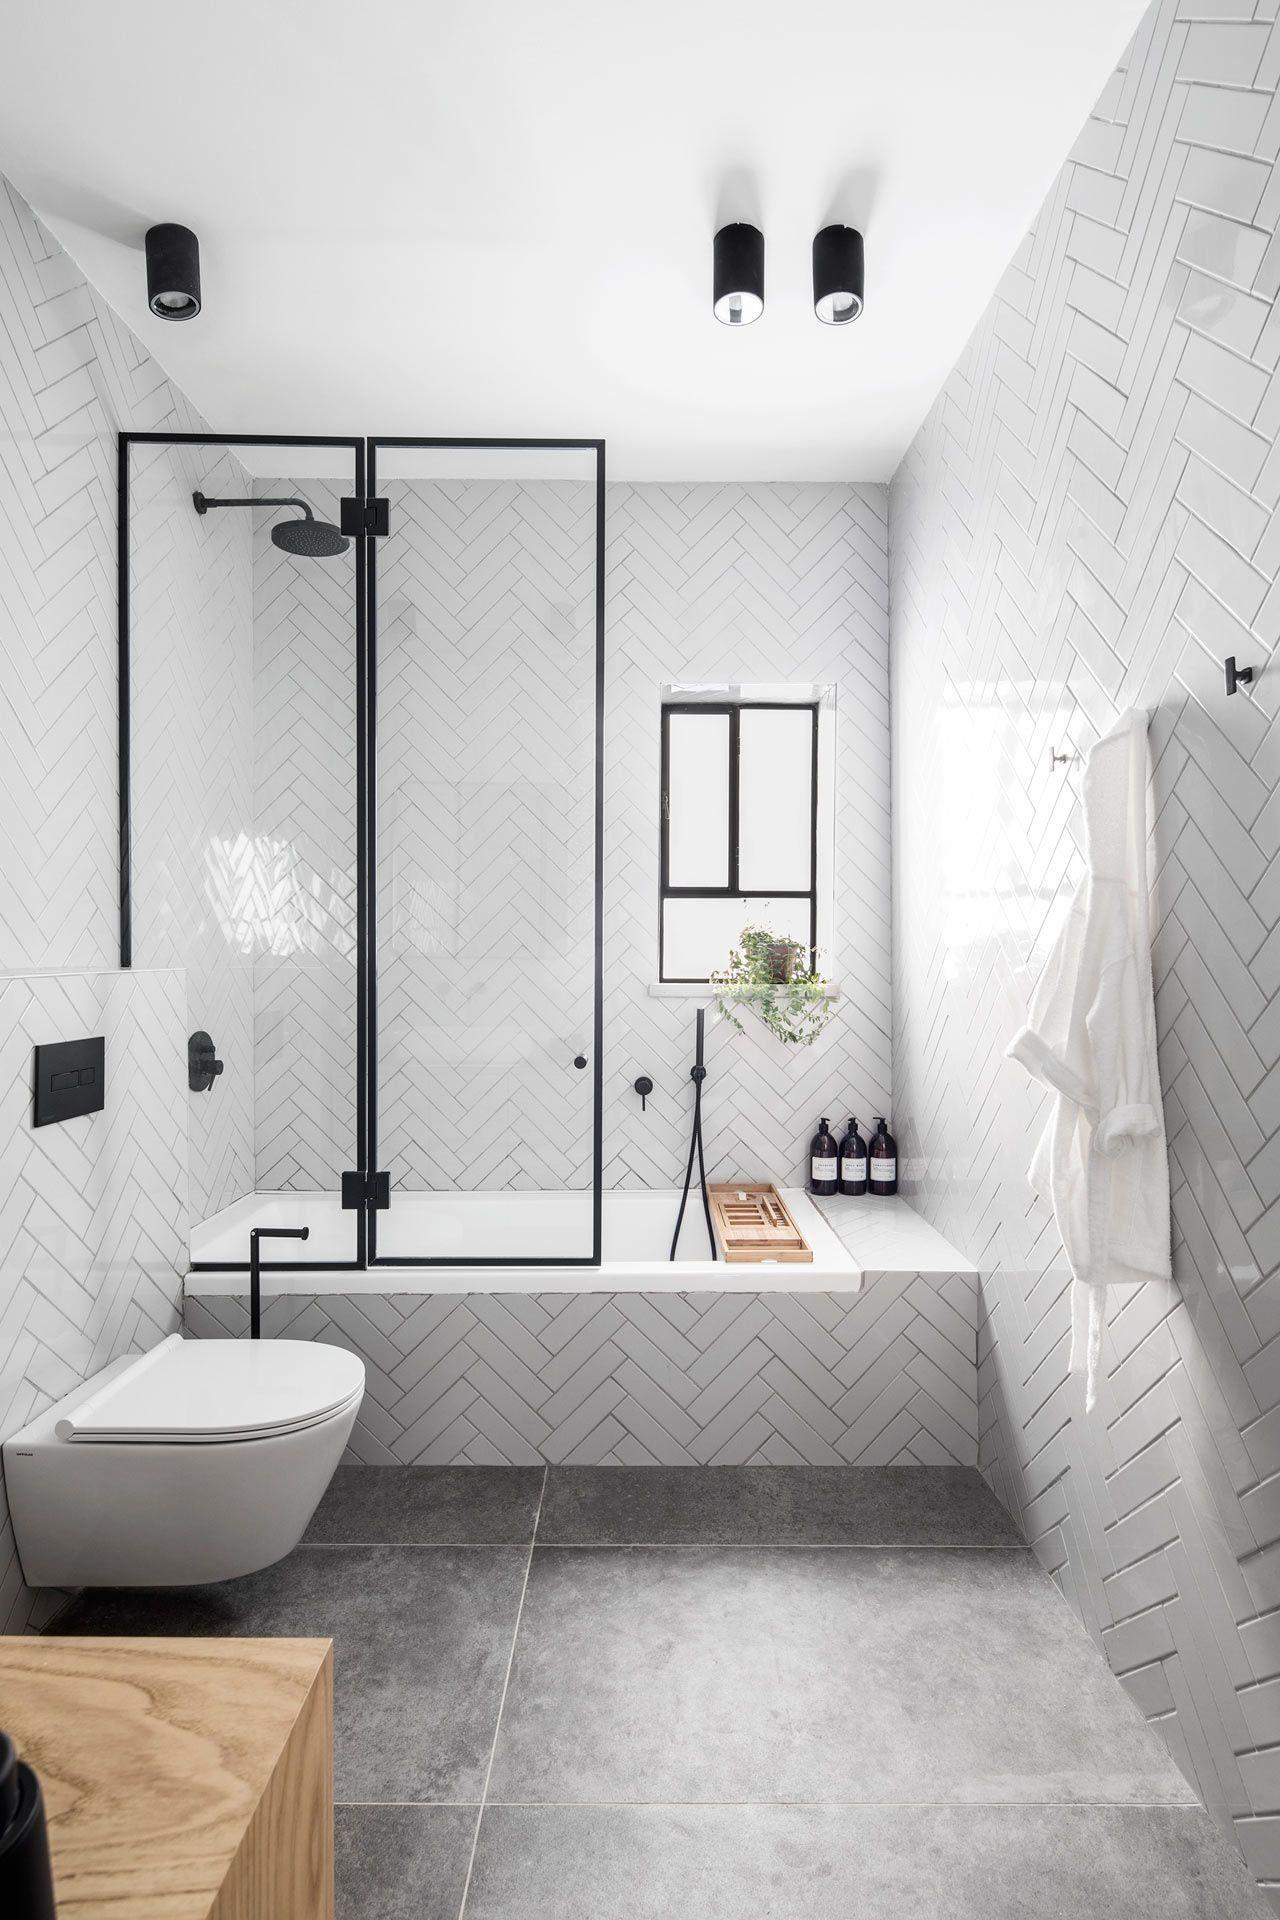 36 Best Ideas Monochromatic Color Scheme for Bathroom ... on Monochromatic Bathroom Ideas  id=17880